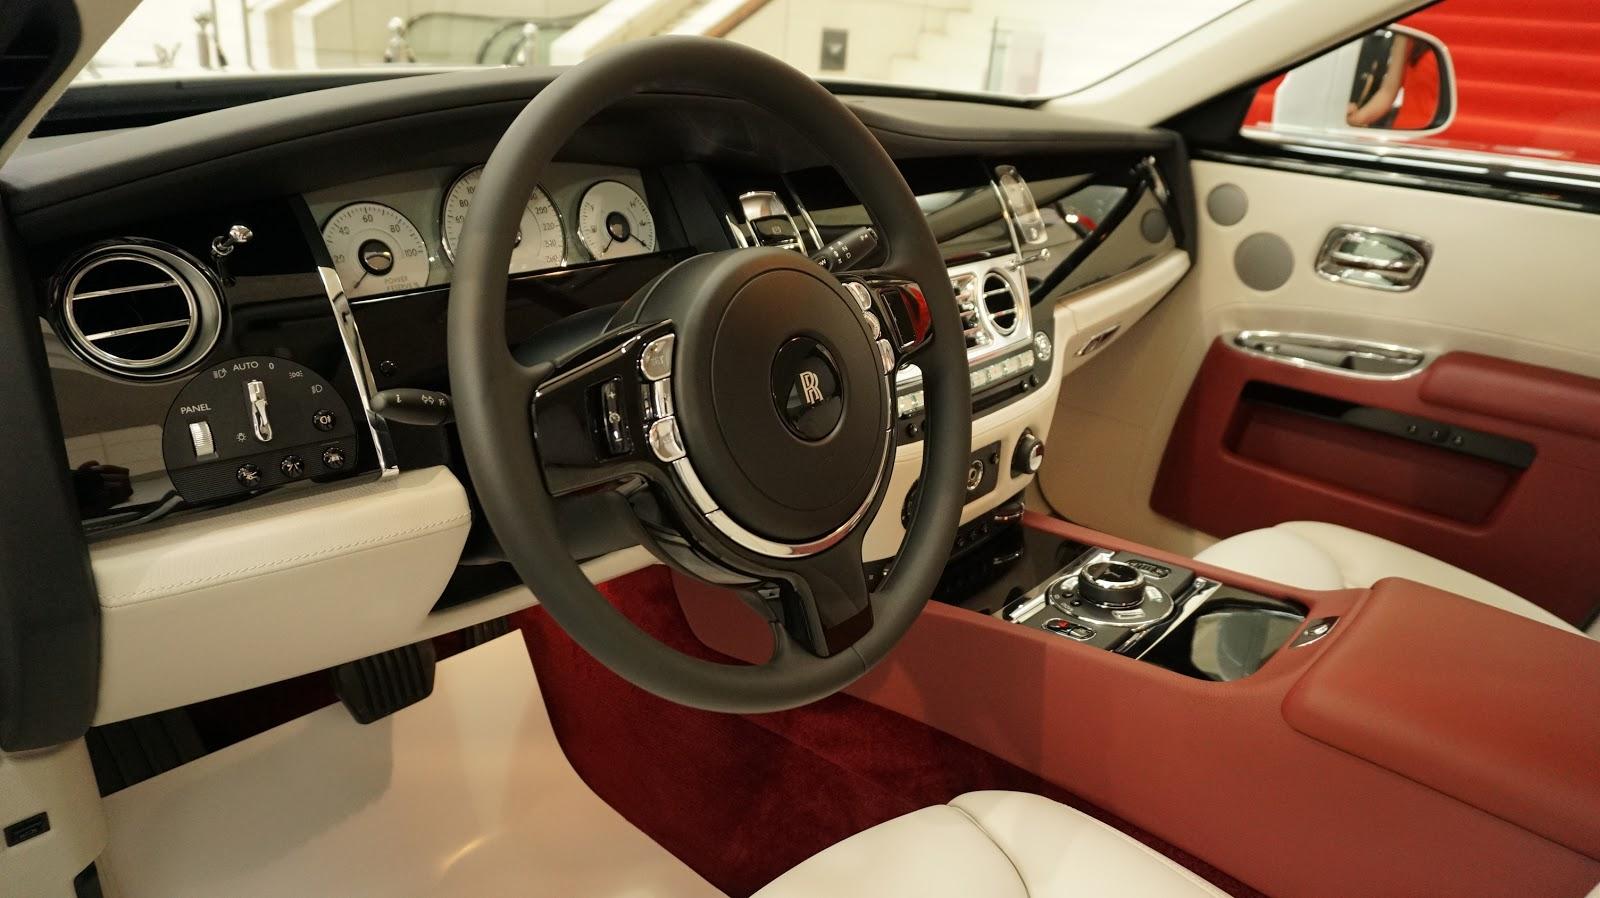 Nội thất của xe với tông chủ đạo là đỏ đen, được kết cấu từ nhiều vật liệu quý hiếm, đắt giá